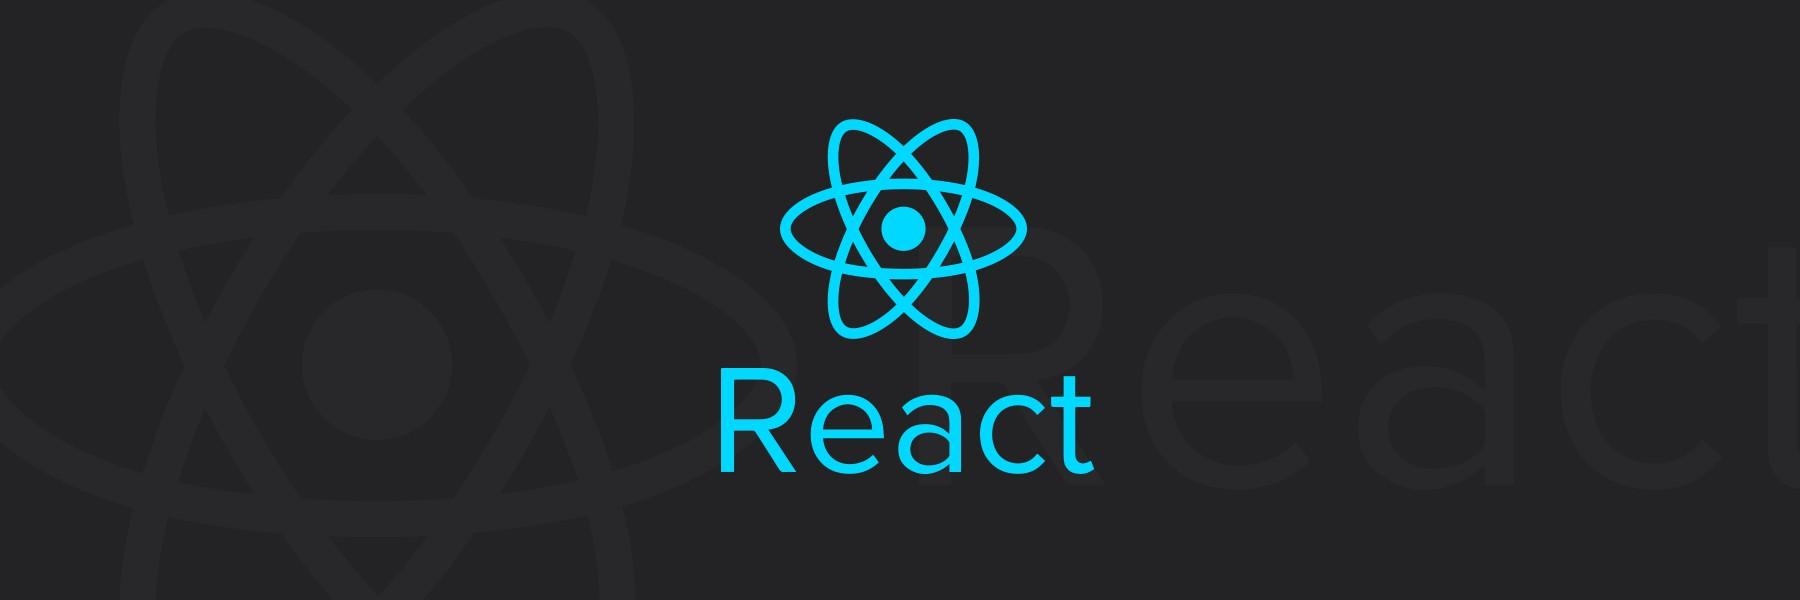 既存のアプリにReactを追加してみた - npm、babelとwebpackの利用